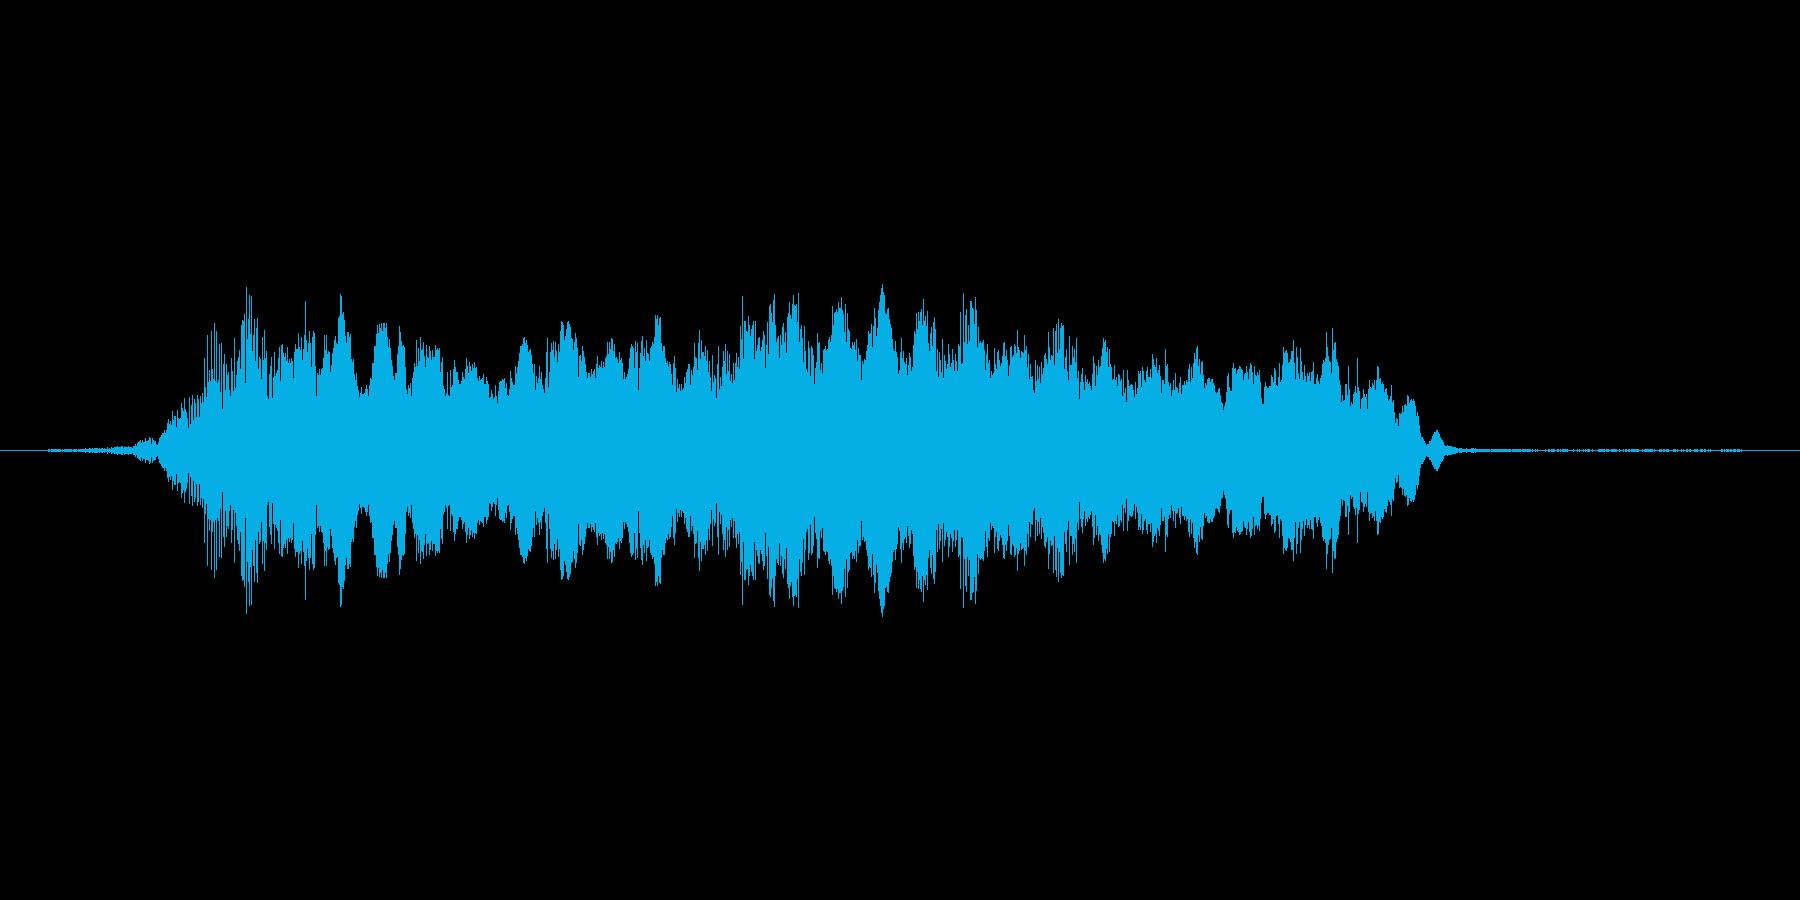 おばけの叫び声の再生済みの波形